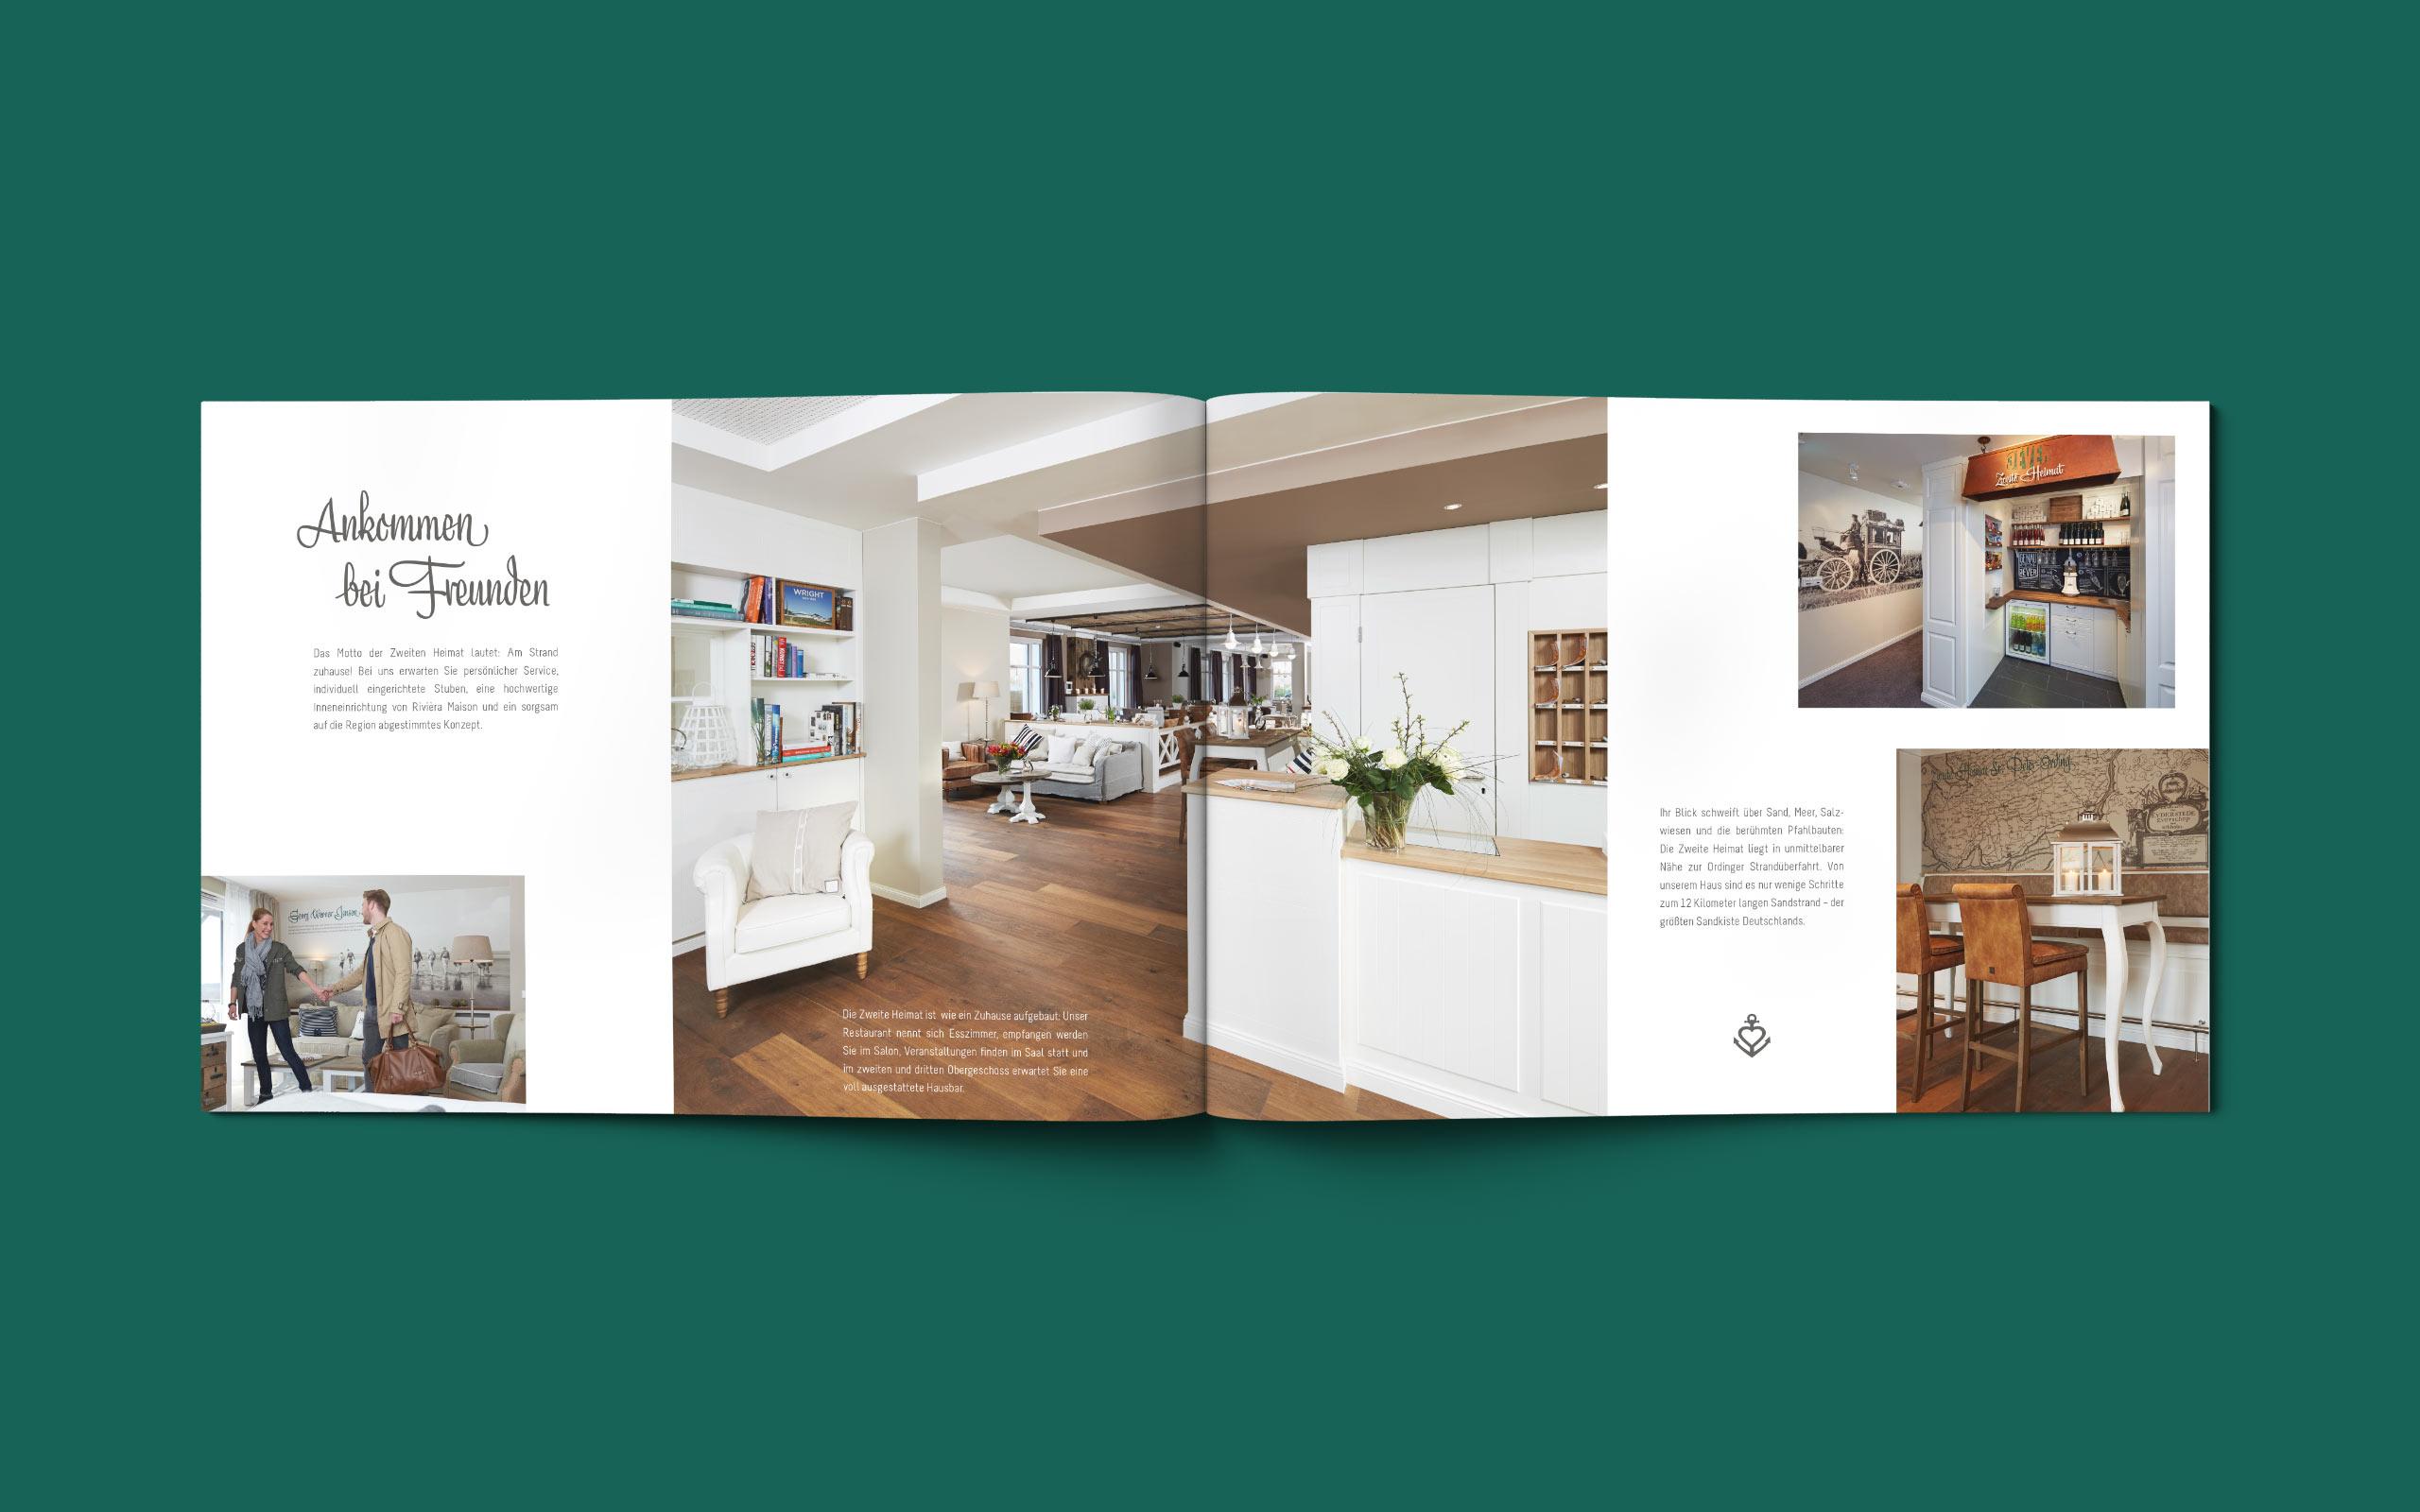 Hotel Zweite Heimat — STUDIO2112